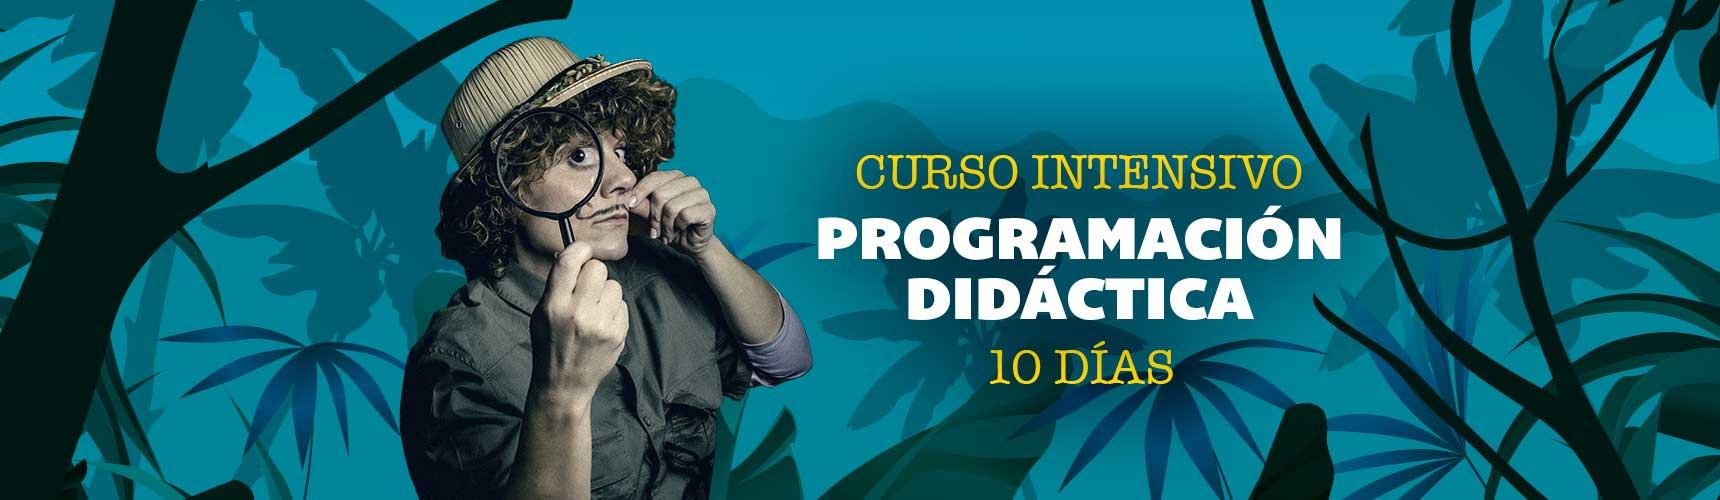 10dias_PRO_Pupitre_cursos_portada-web_nuevas-fotos_1720x910